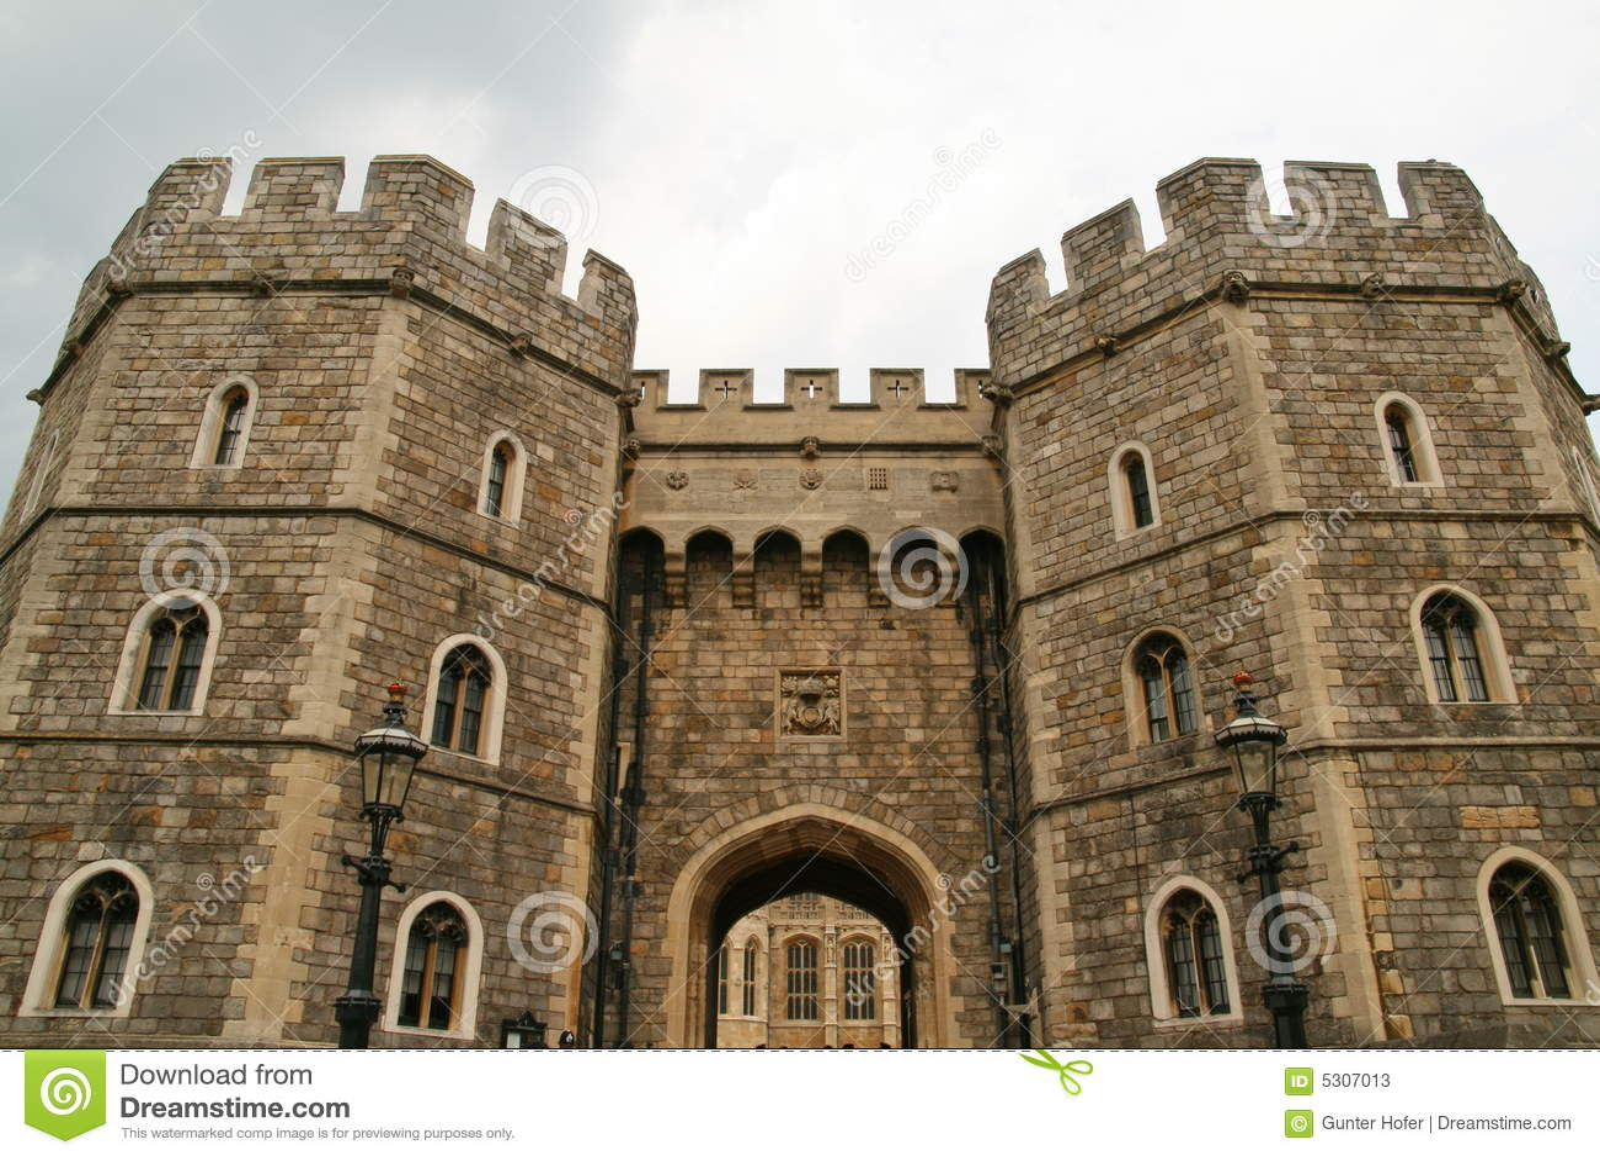 Download Torrette Del Castello Di Windsor Immagine Stock - Immagine di verde, storico: 5307013